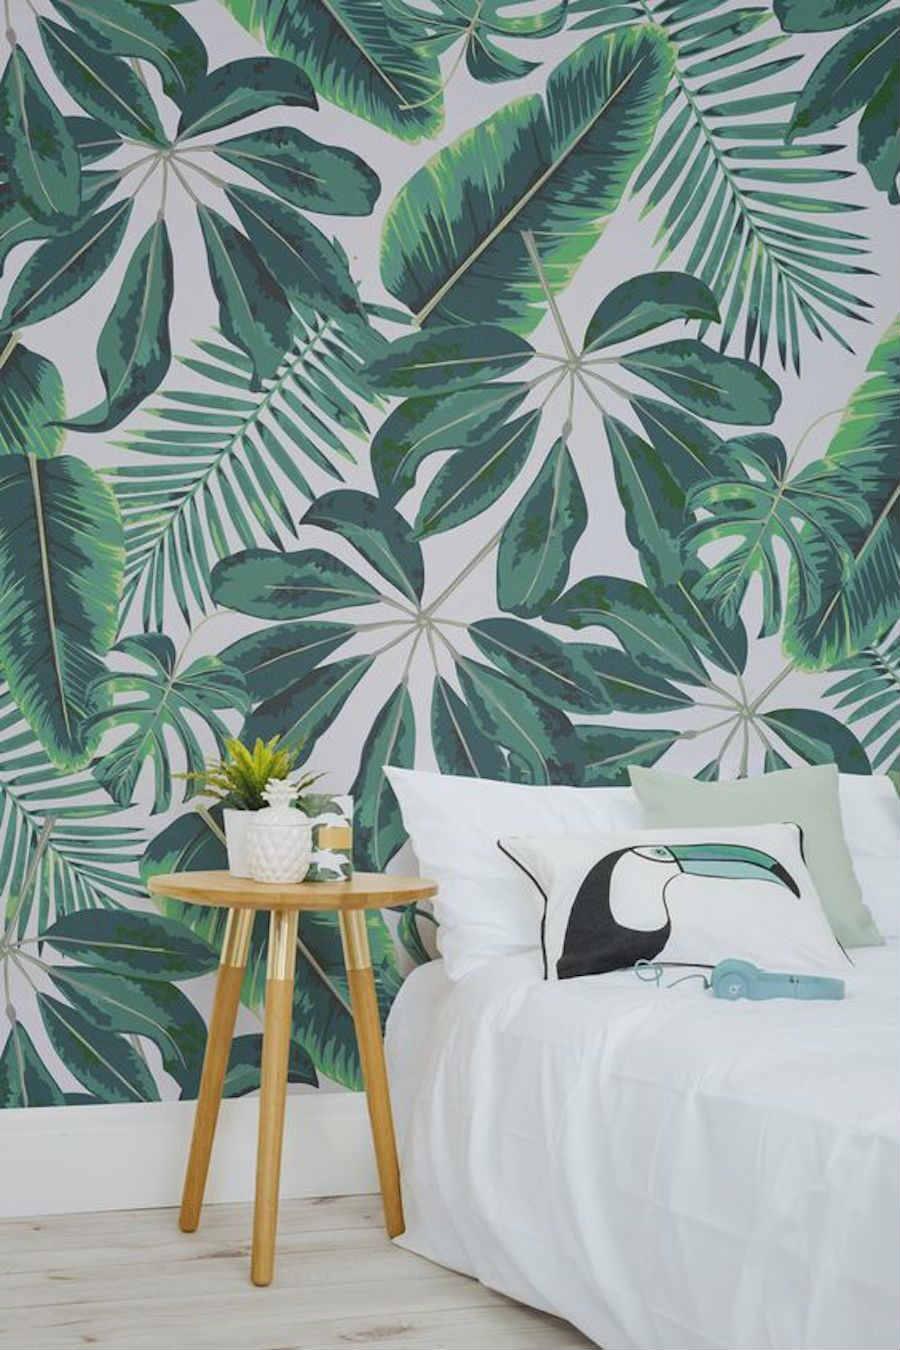 10 formas de veranizar tu casa con guiños tropicales; dormitorio tropical con papel pintado